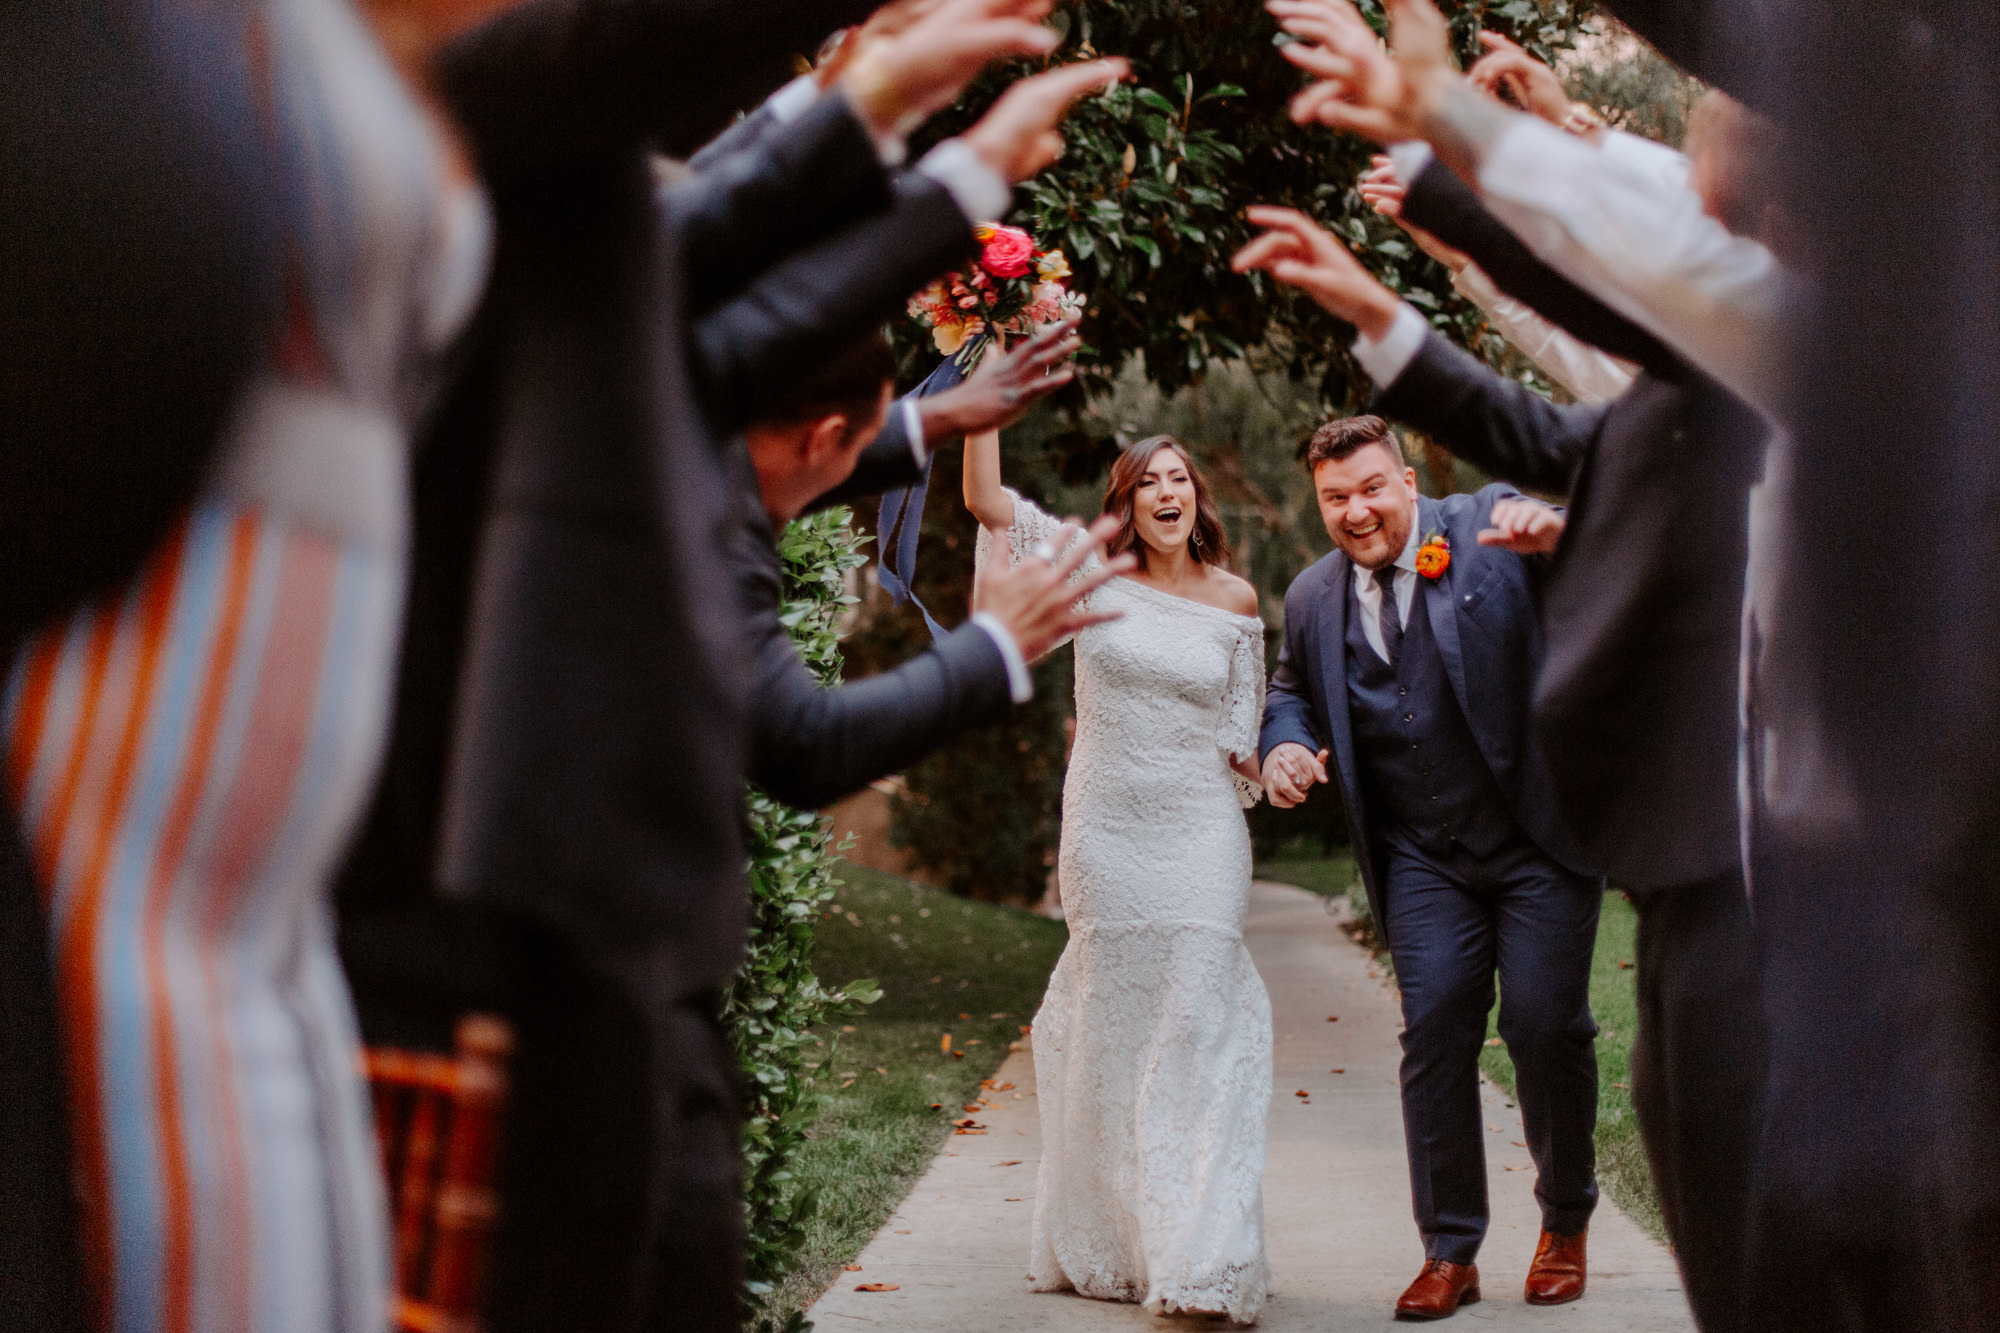 Rancho bernardo Inn san deigo wedding photography0088.jpg